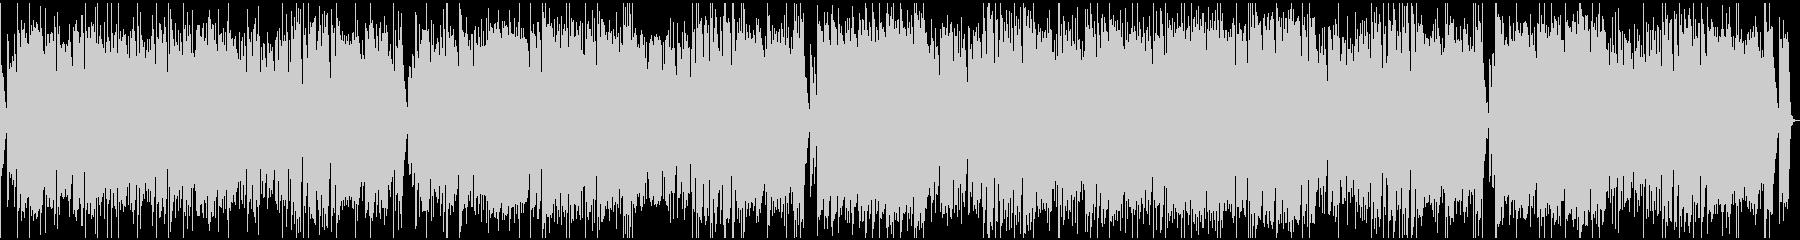 Donkey Walk_(A15)の未再生の波形